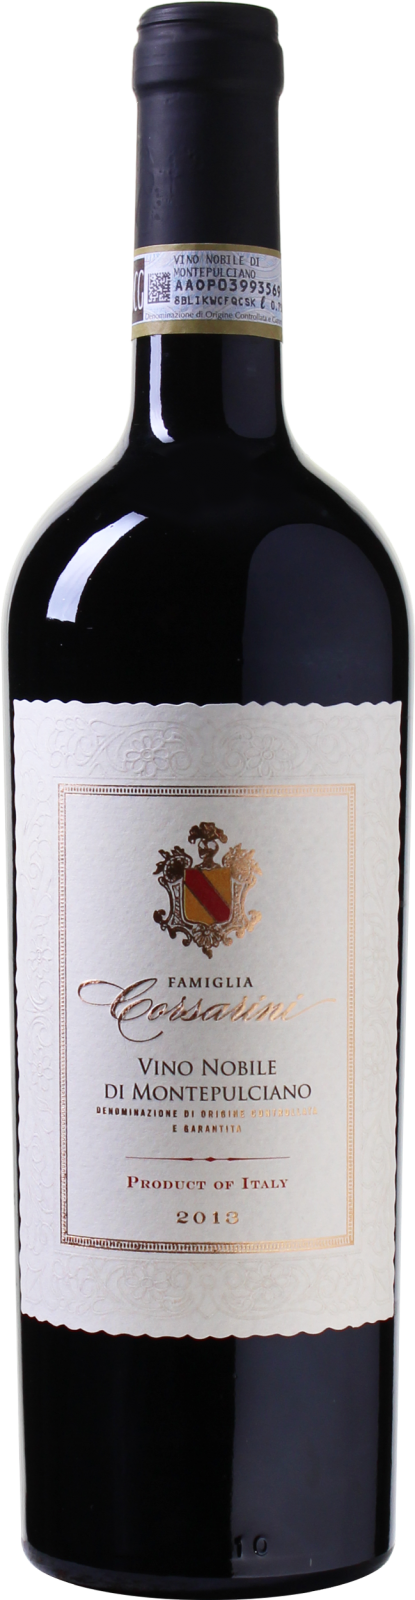 Famiglia Corsarini Vino Nobile di Montepulciano